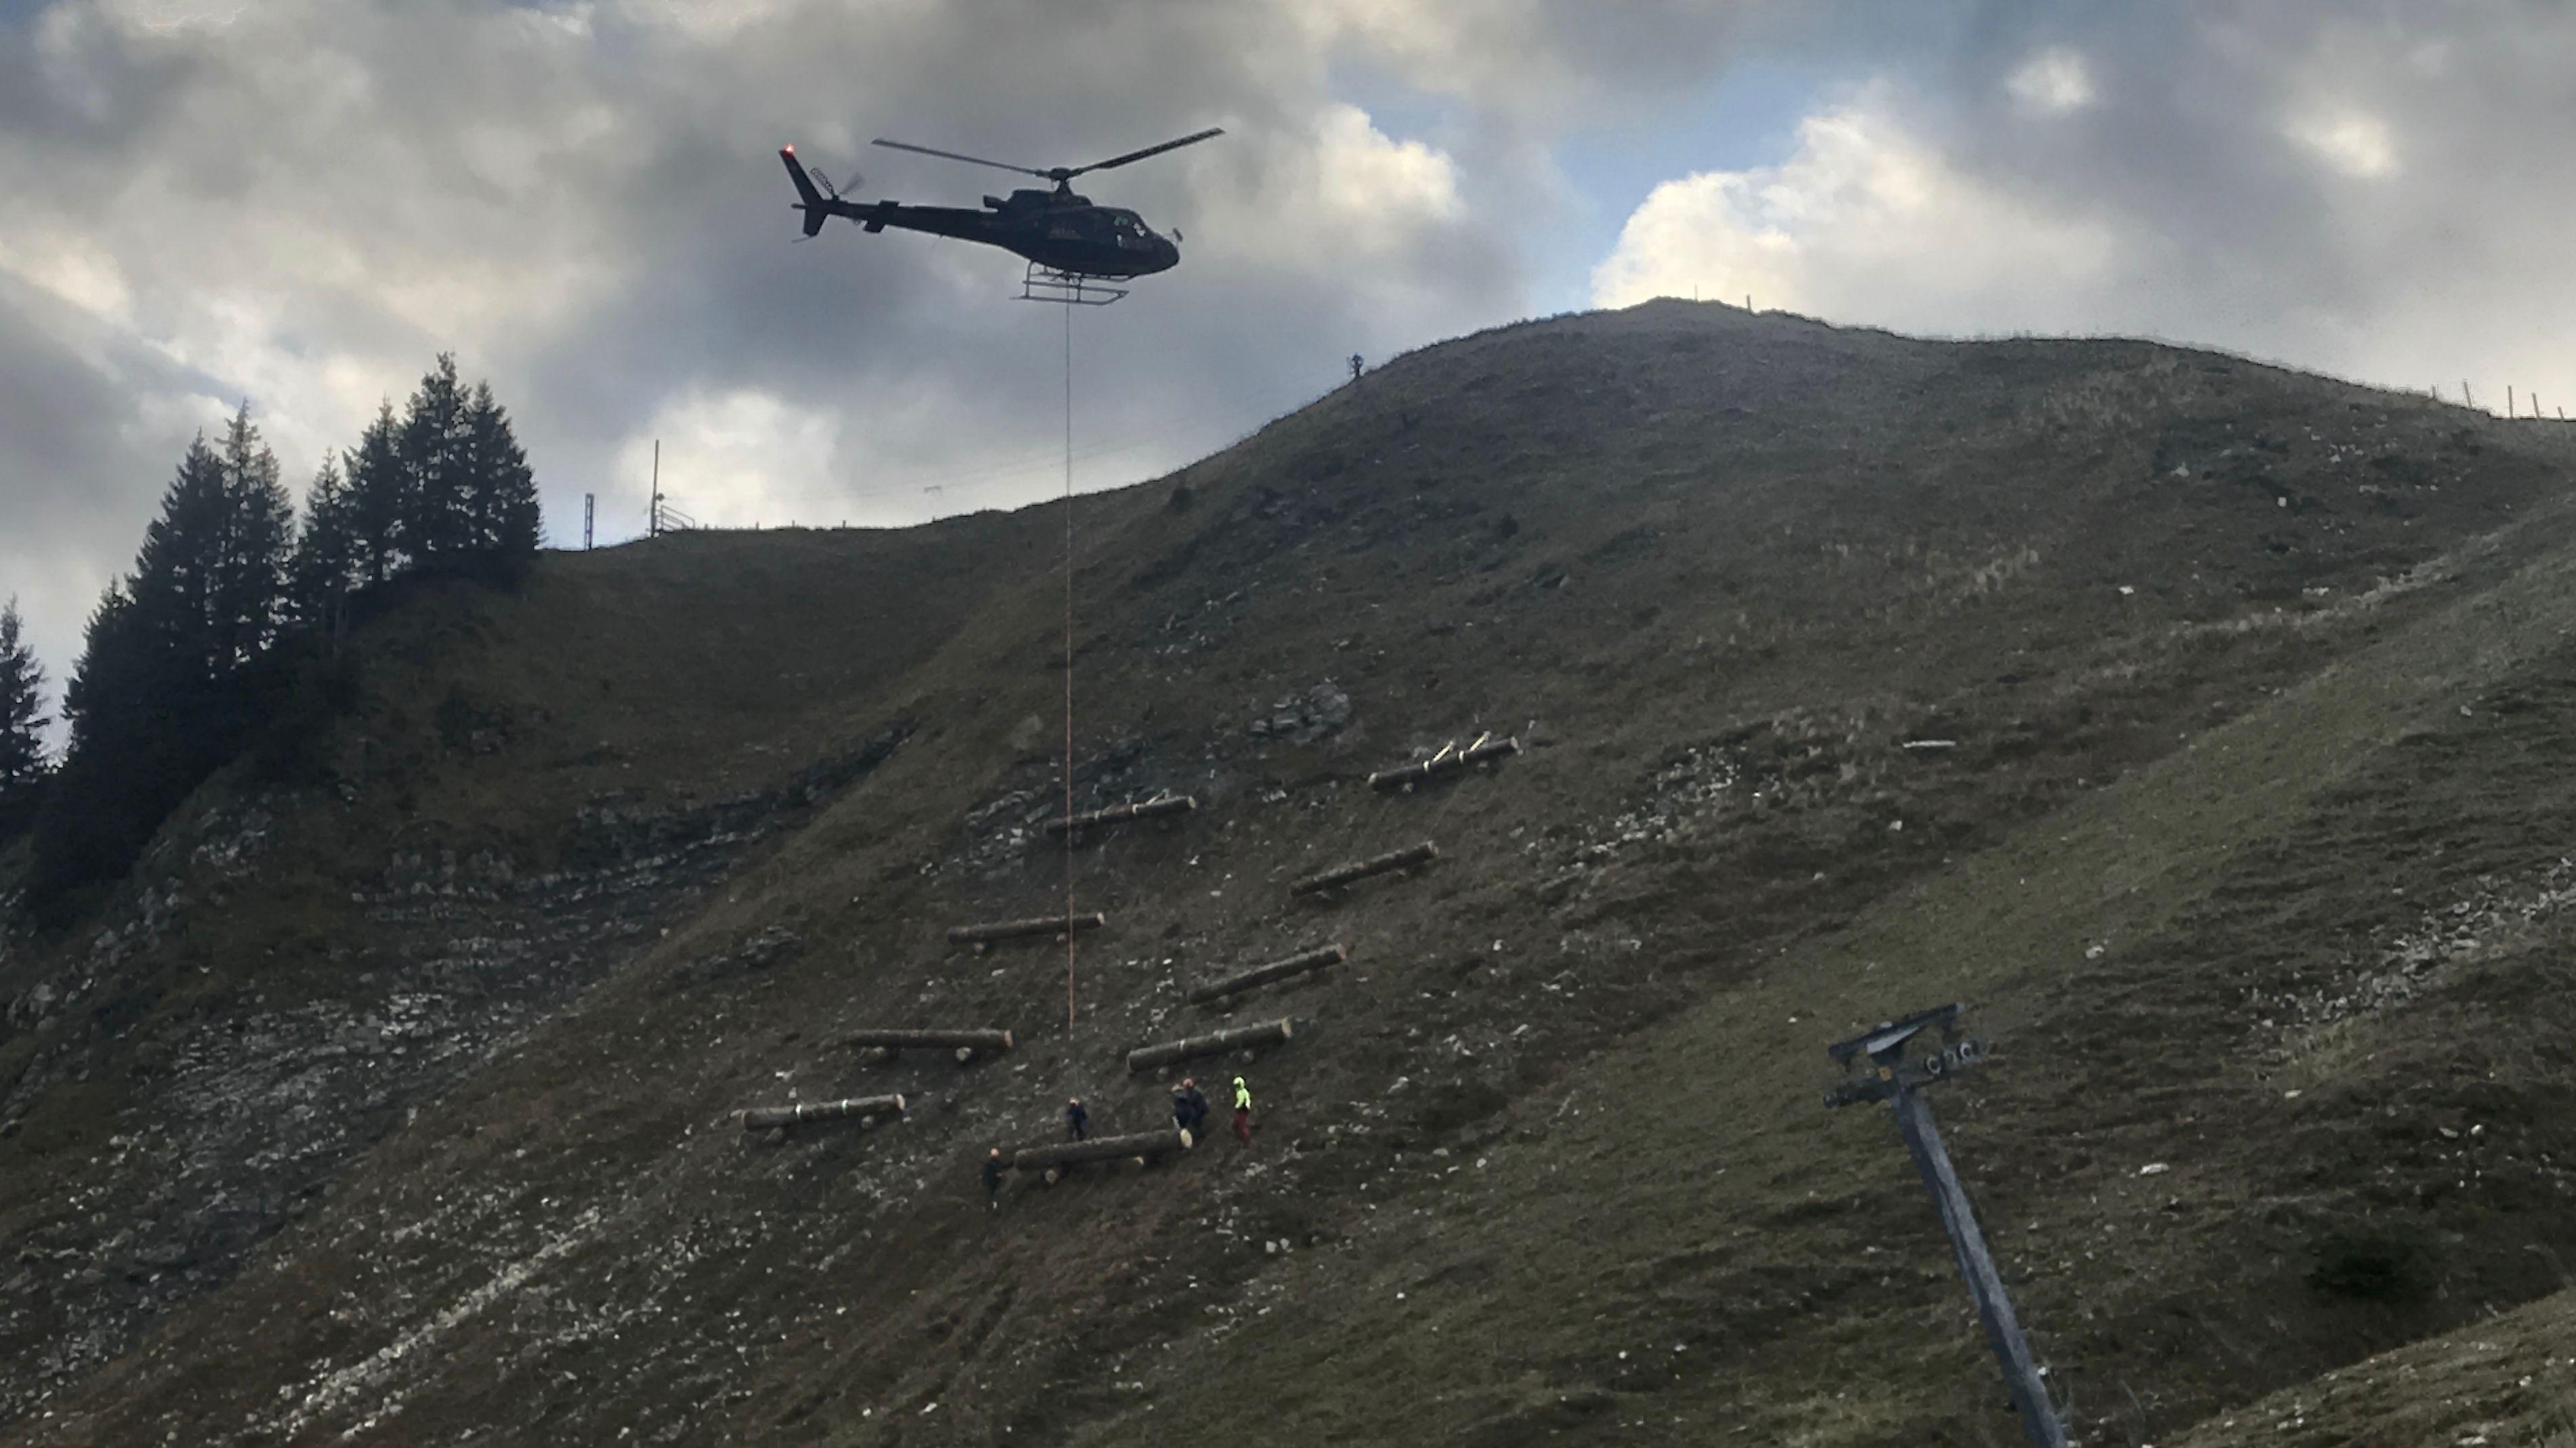 Ein Hubschrauber bringt die schweren Holzstämme in das Gelände